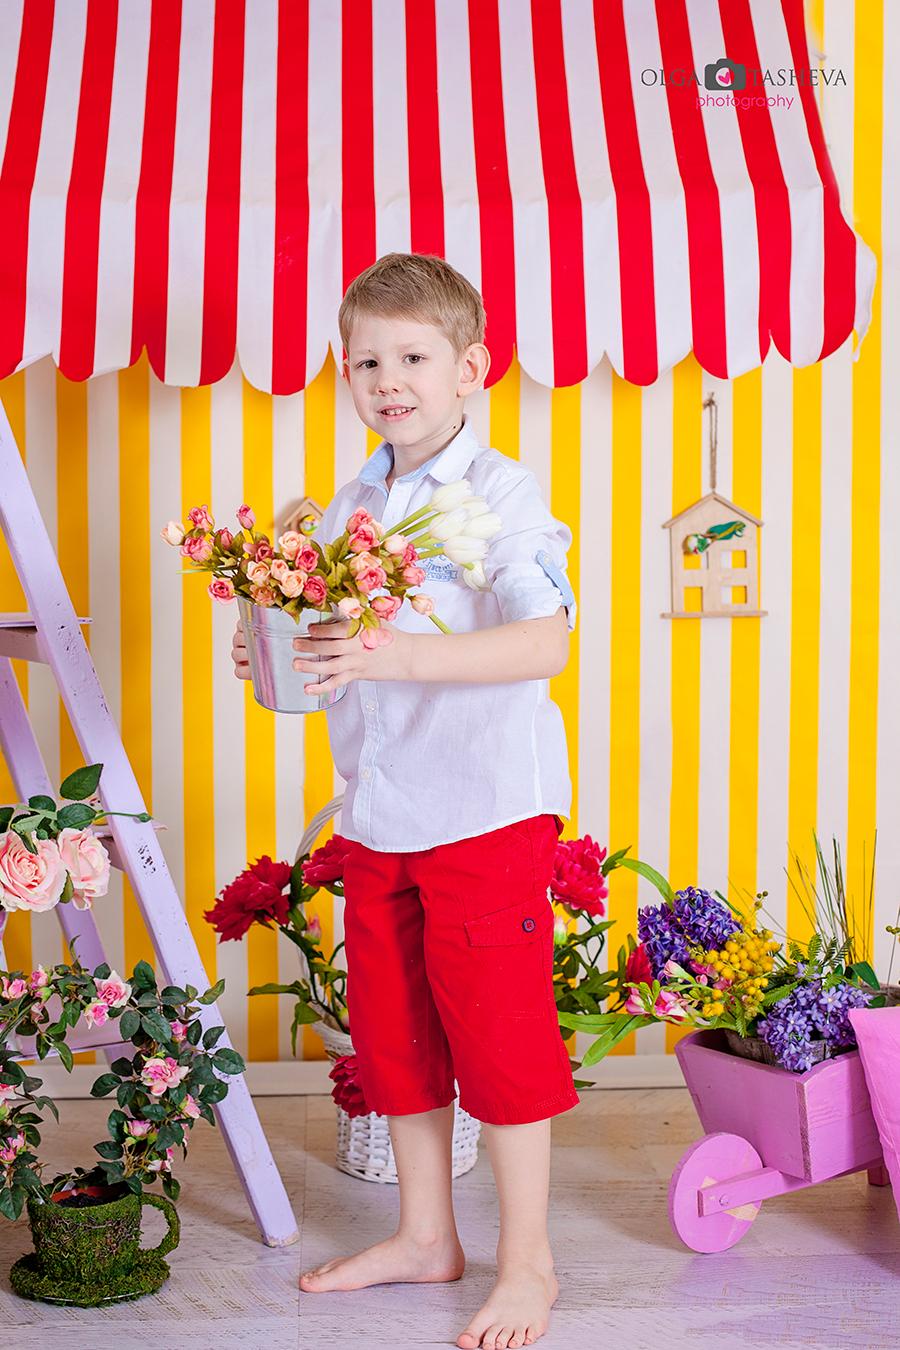 Детска фотосесия на Дечко при фотограф Олга Ташева. Фото студио Варна. Детска, бебешка и семейна фотография. Фотограф Варна - 345436